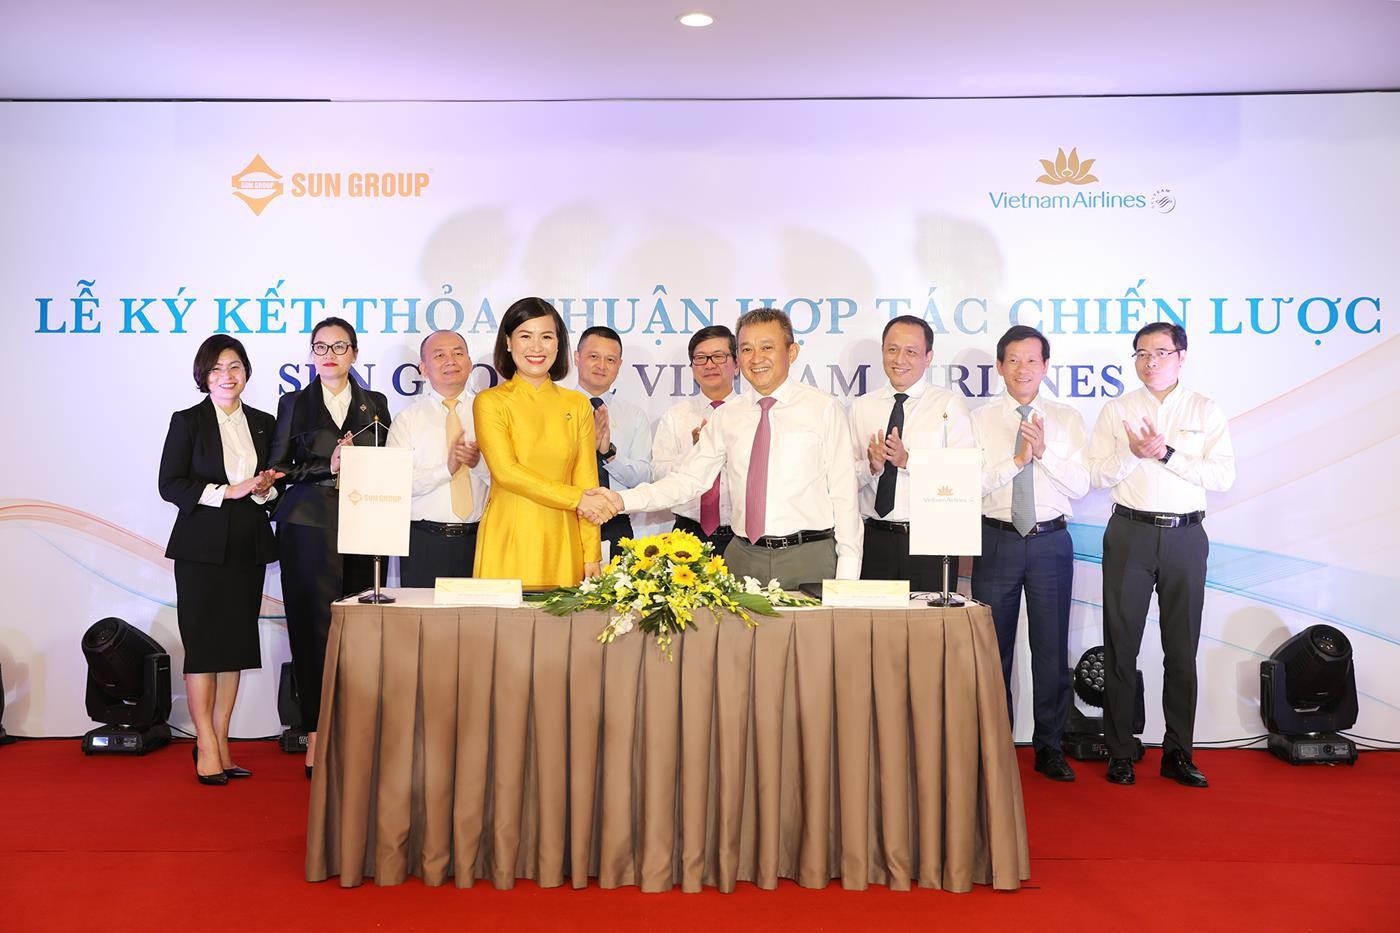 Sun Group ky hop tac chien luoc cung Vietnam Airlines 2